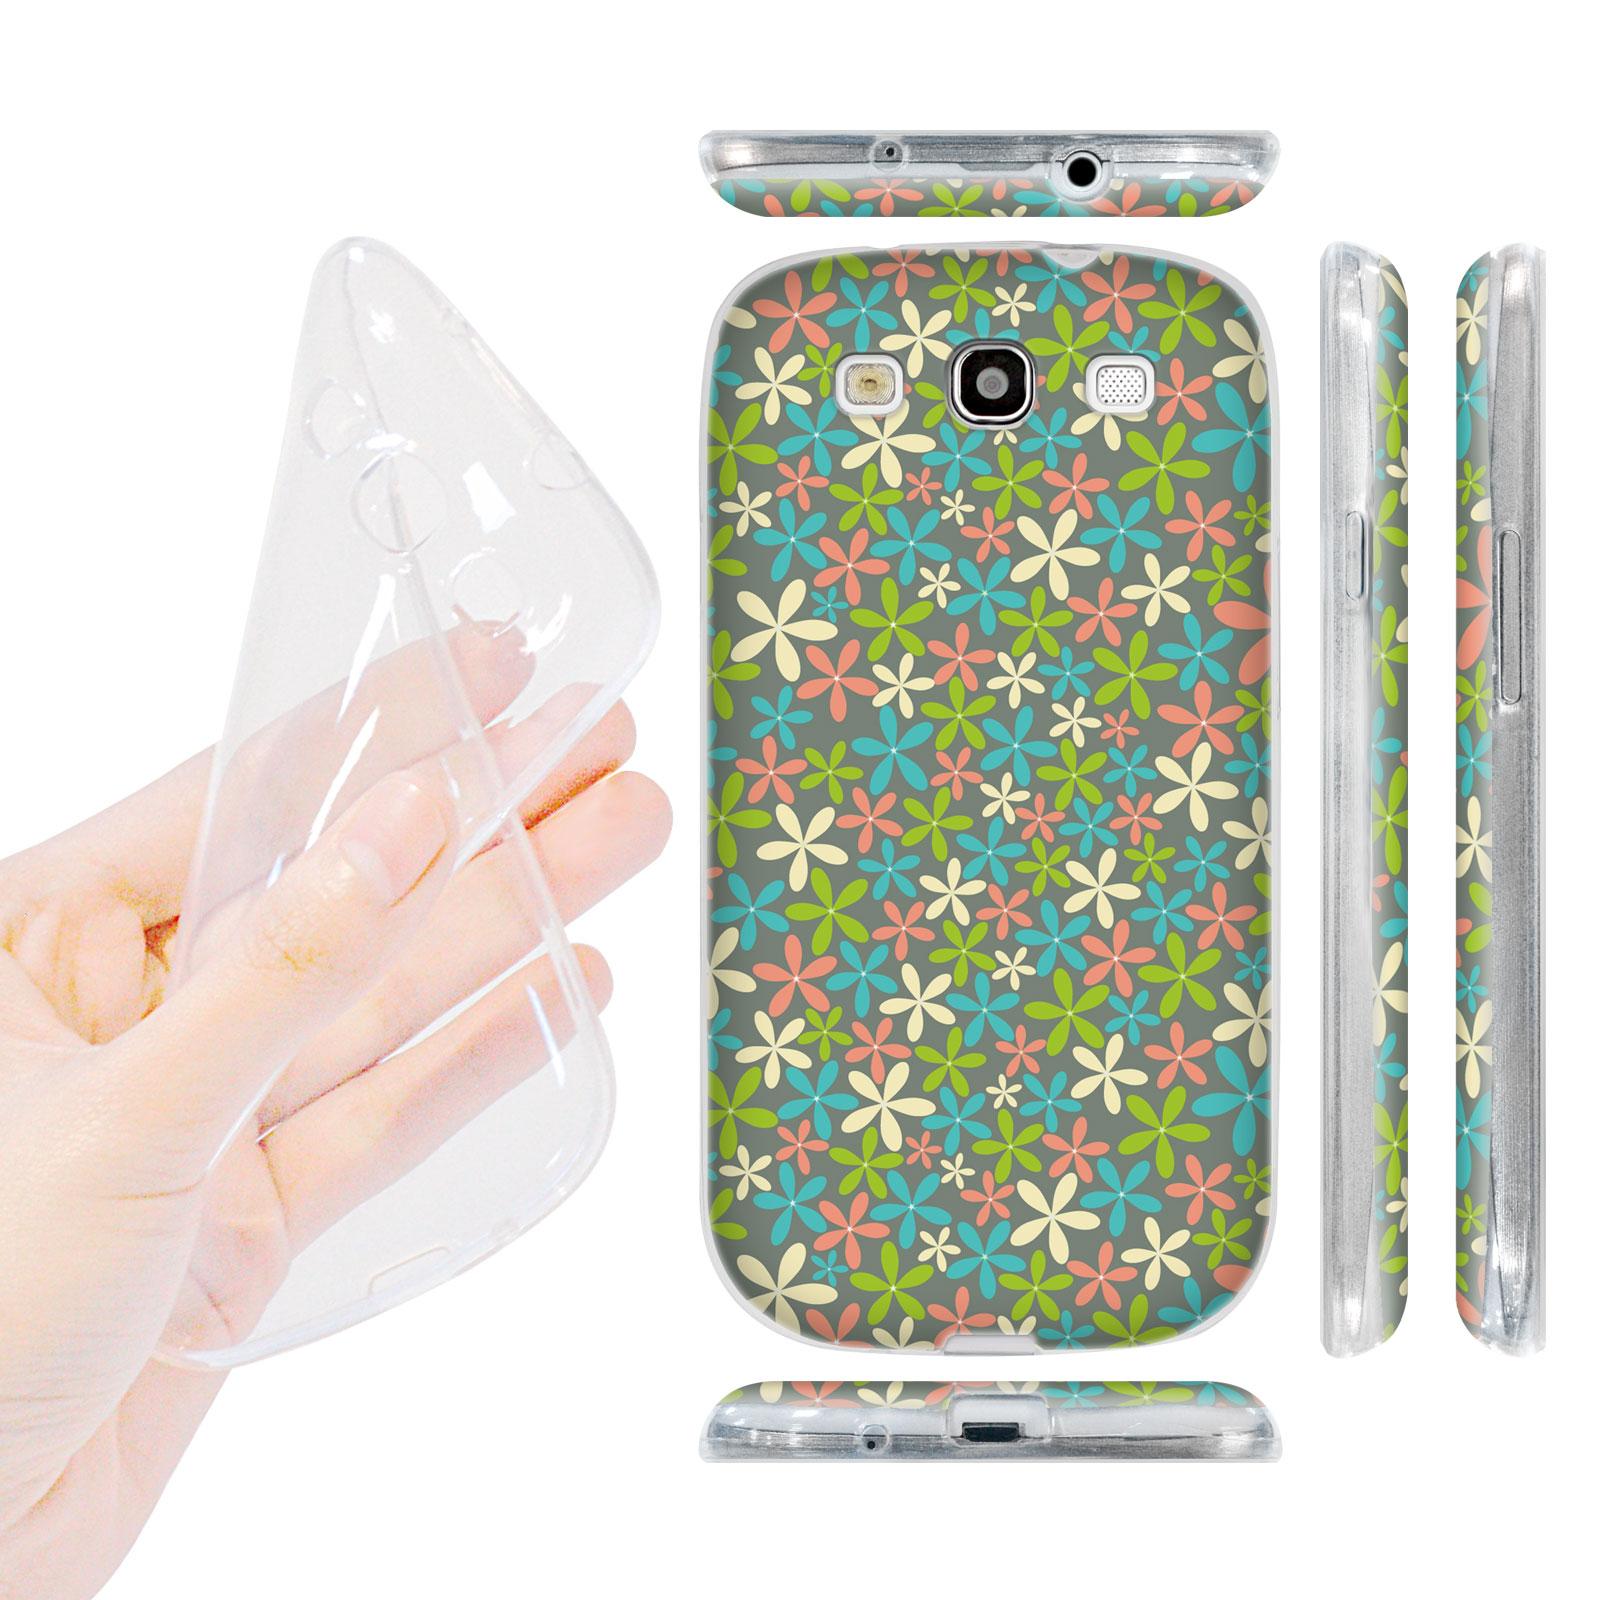 HEAD CASE silikonový obal na mobil Galaxy S3 i9300 malé květinky tyrkysová modrá barva